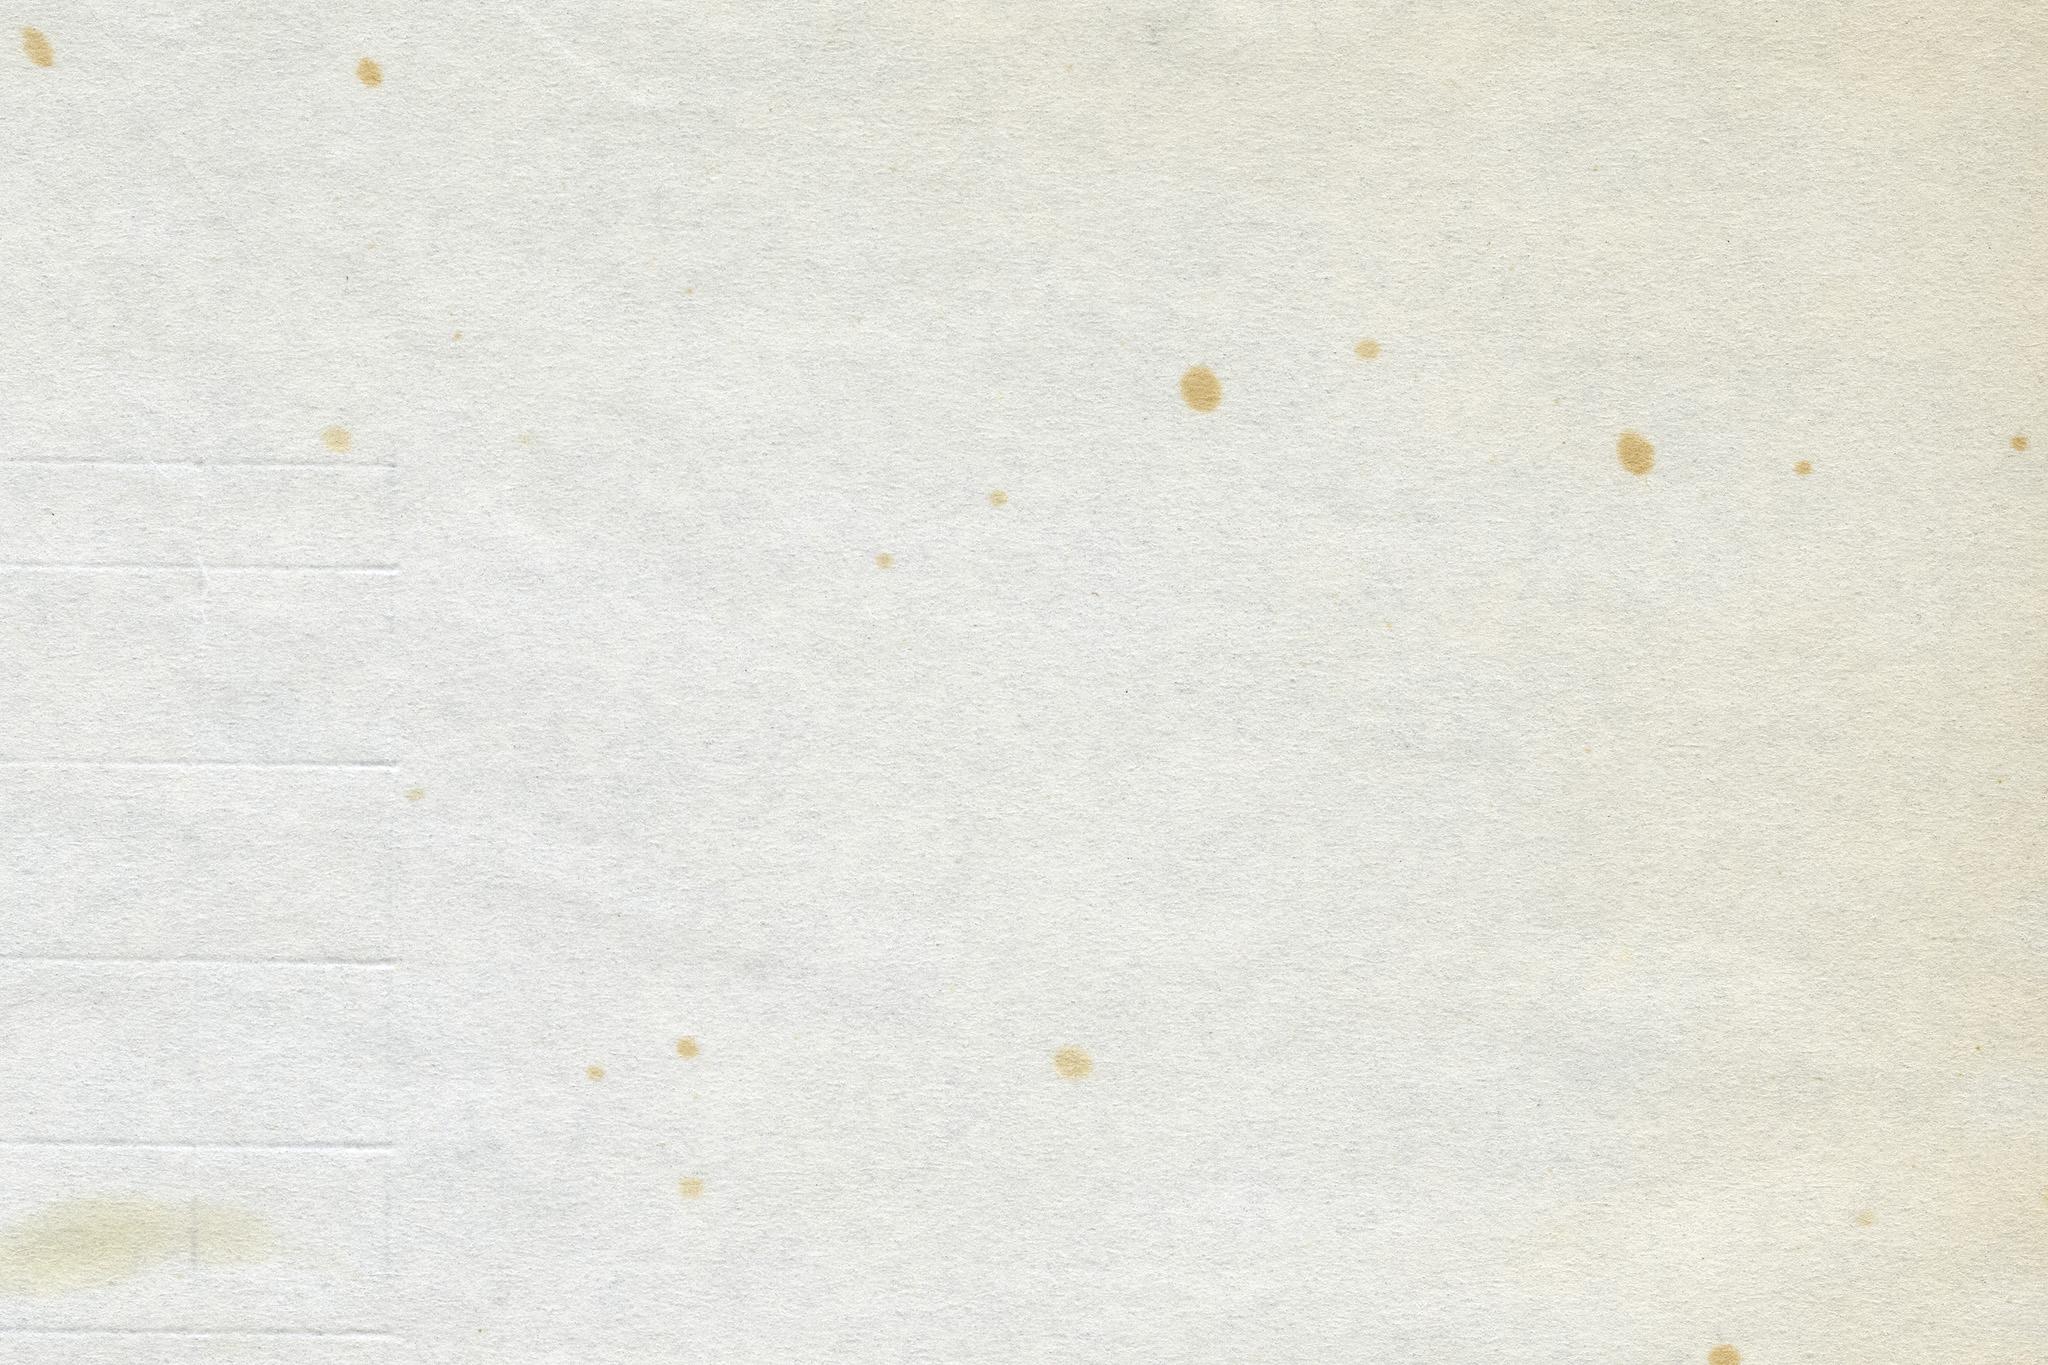 「所々にシミのある古い紙」の素材を無料ダウンロード